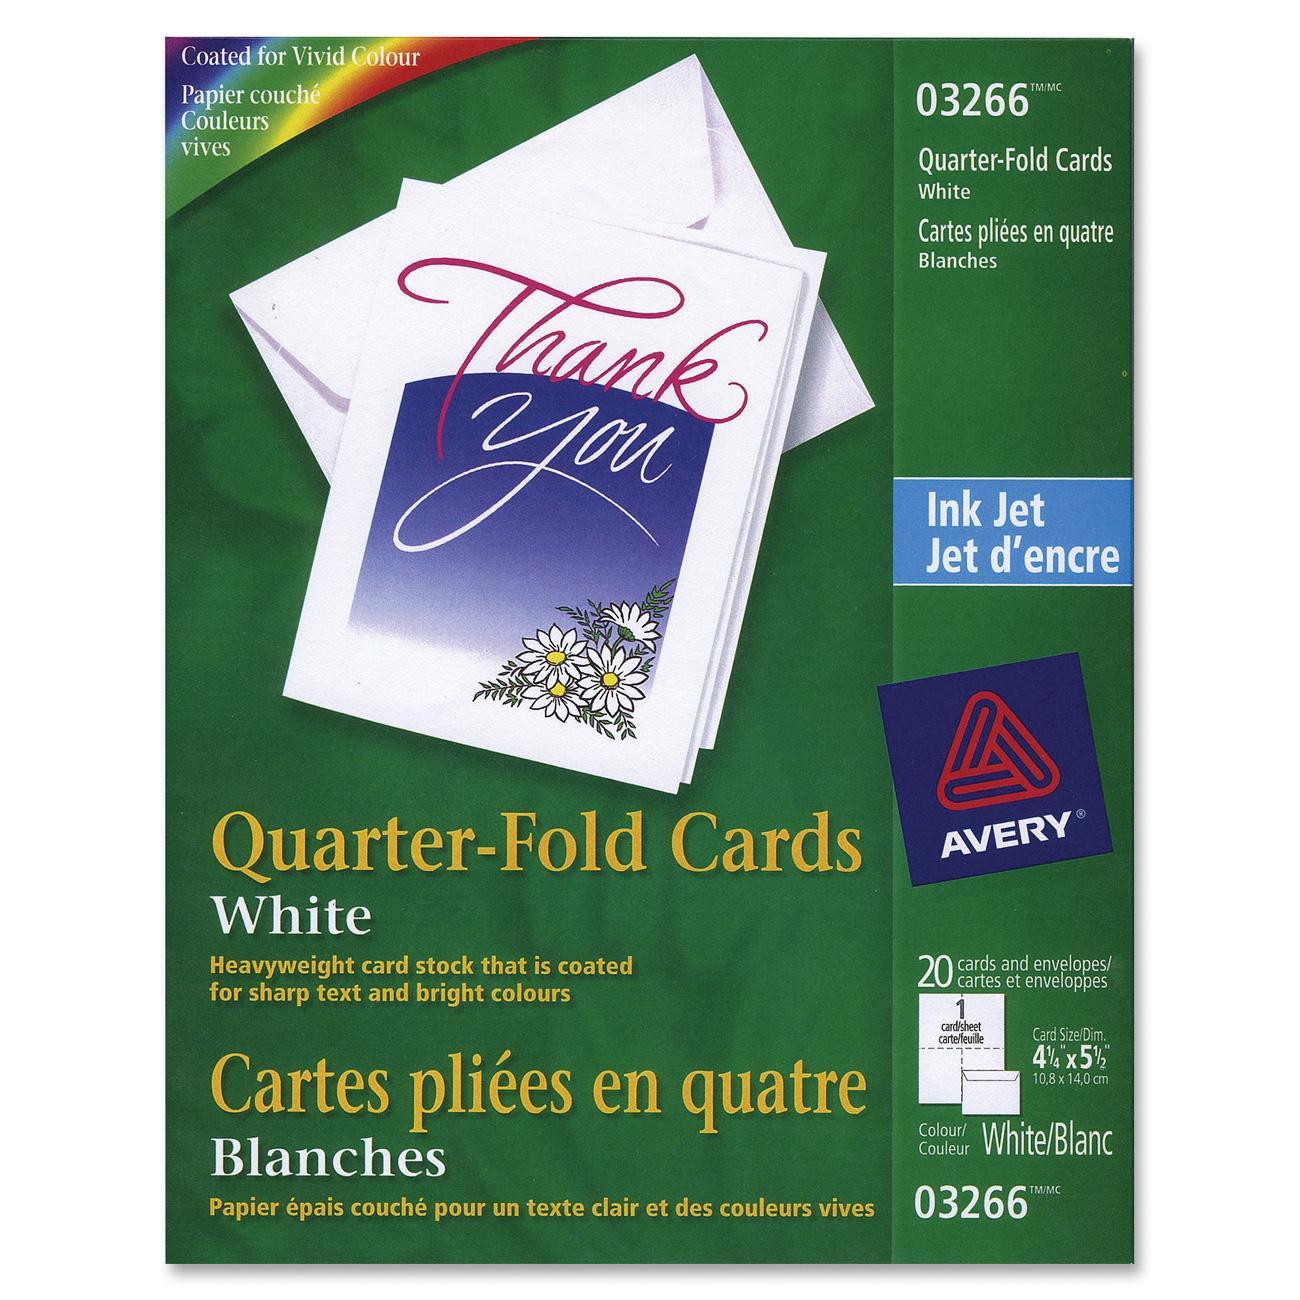 avery quarter fold greeting cards matte white inkjet 4 1 4 x 5 1